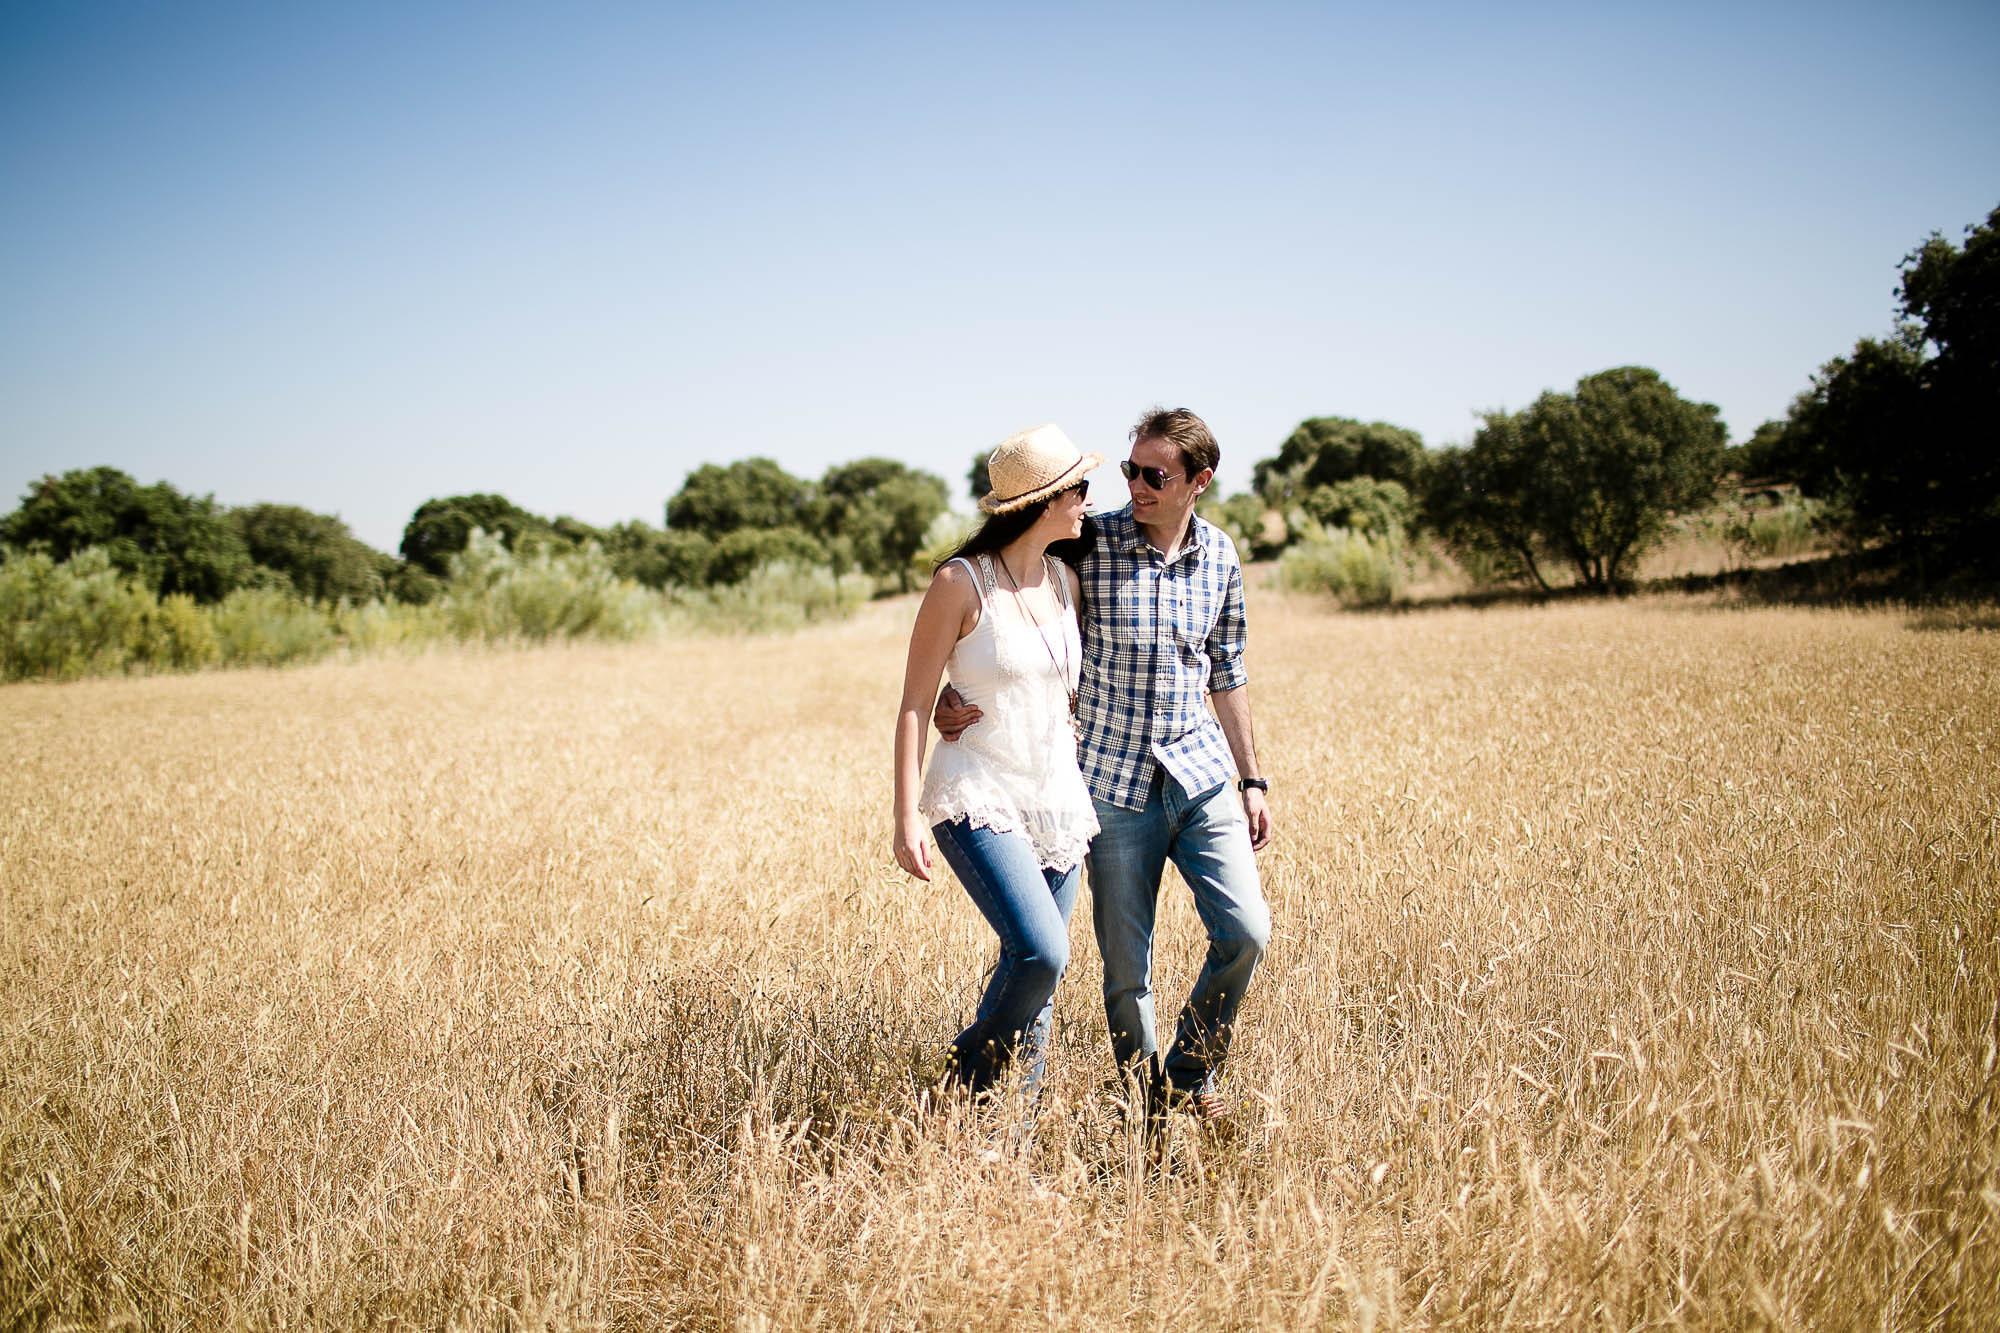 La pareja pasea abrazada por un trigal mientras se miran a los ojos